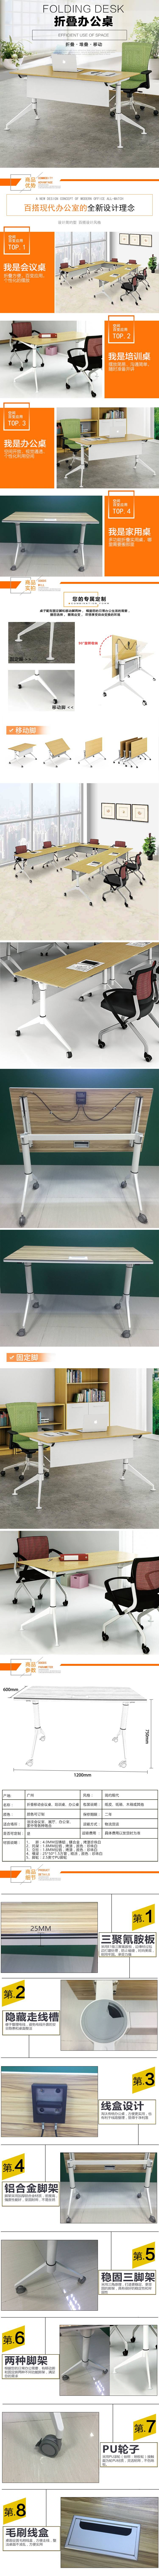 折叠办公桌办公家具详情页